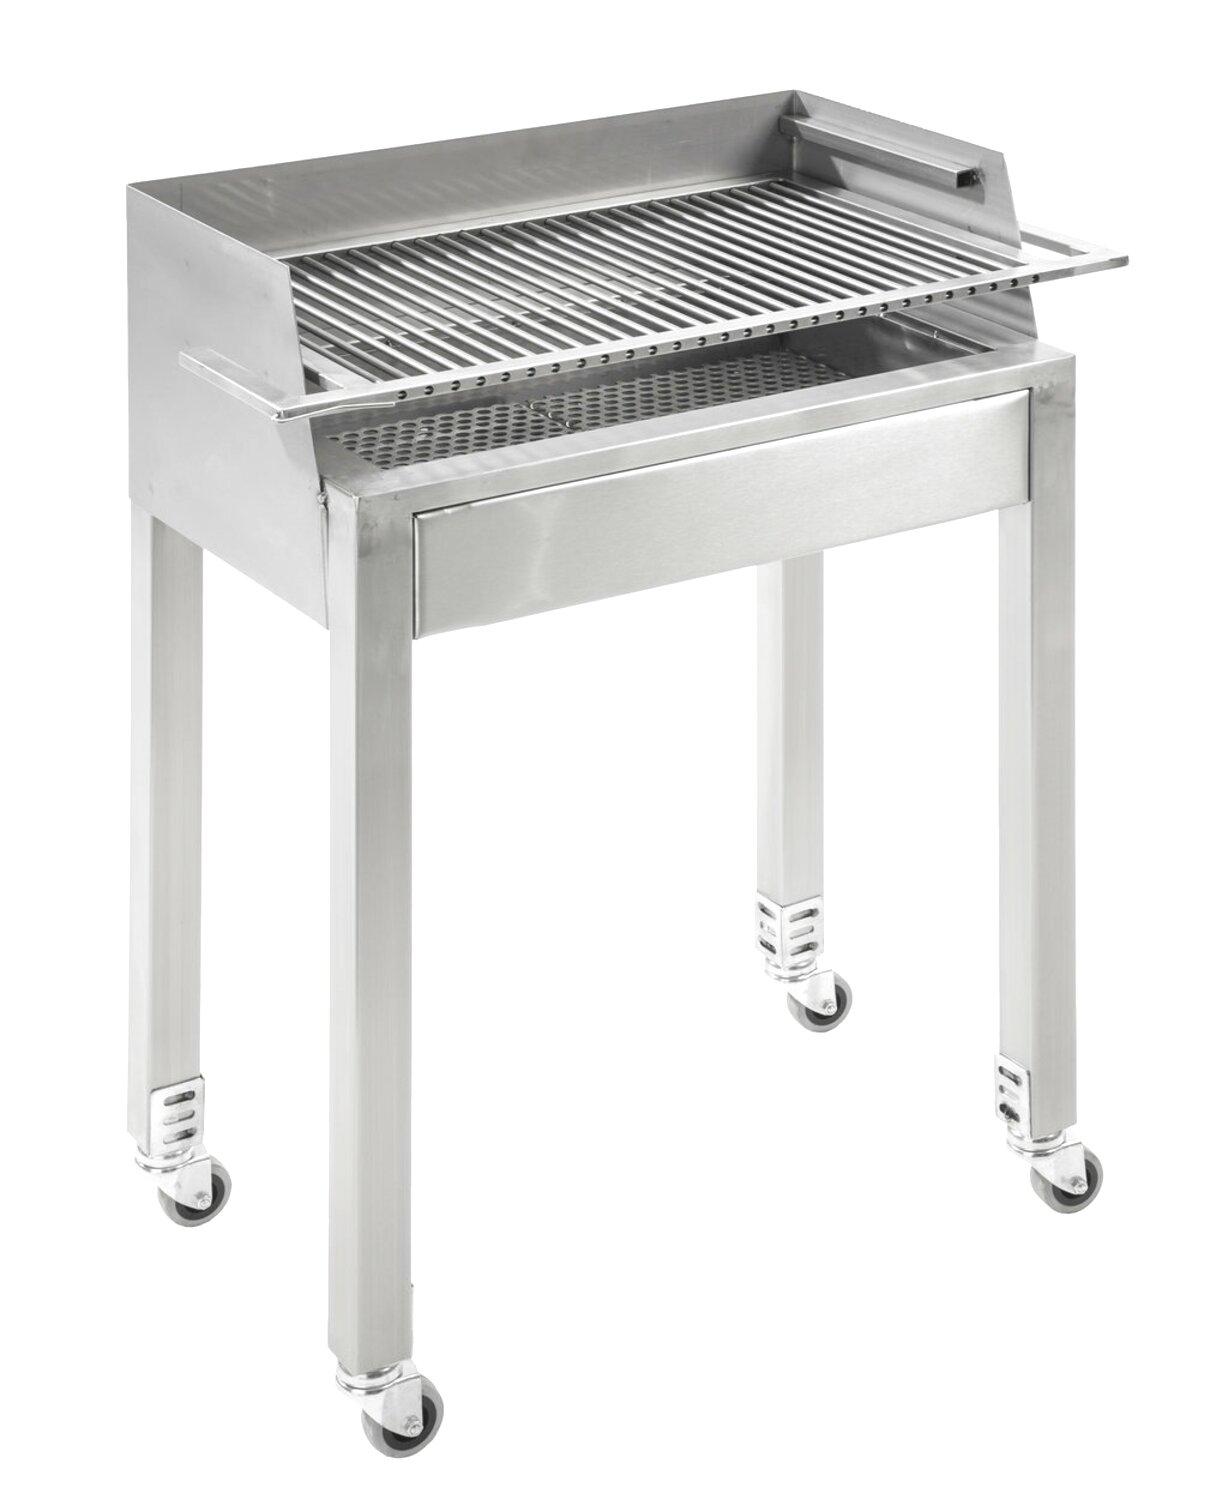 v2a grill gebraucht kaufen